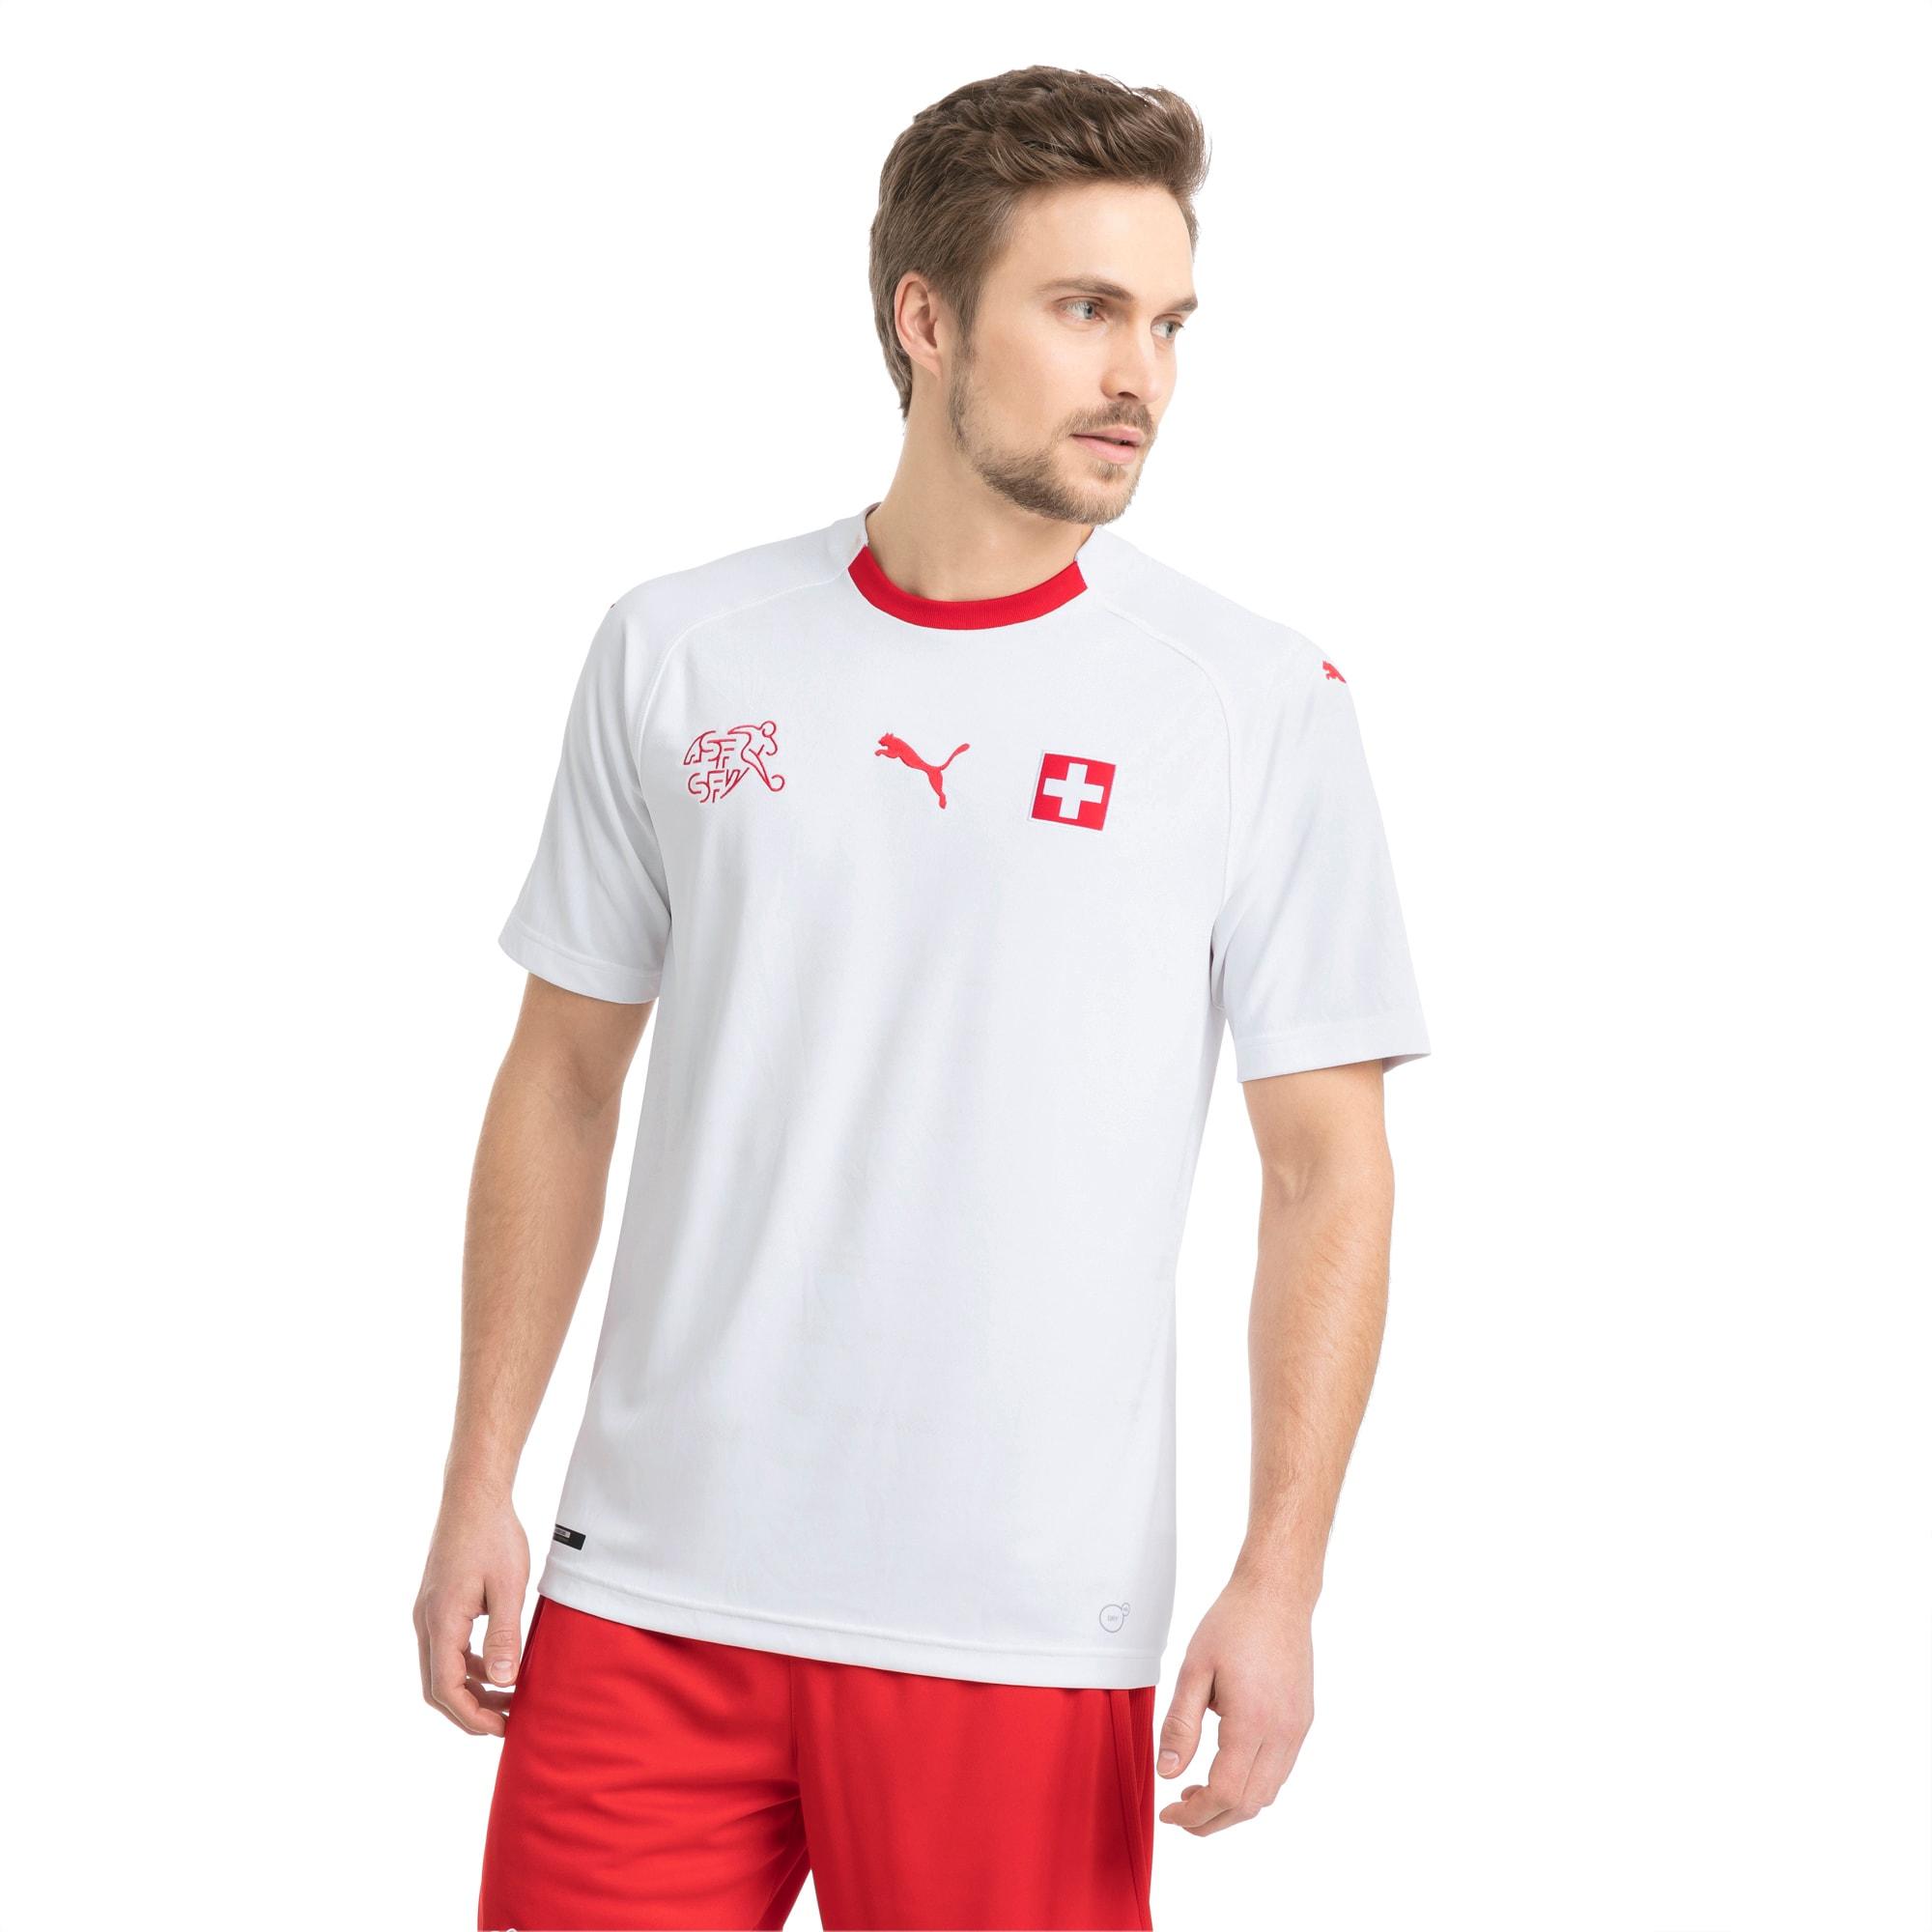 Image of PUMA Schweiz Herren Replica Auswärtstriko | Mit Aucun | Weiß/Rot | Größe: L